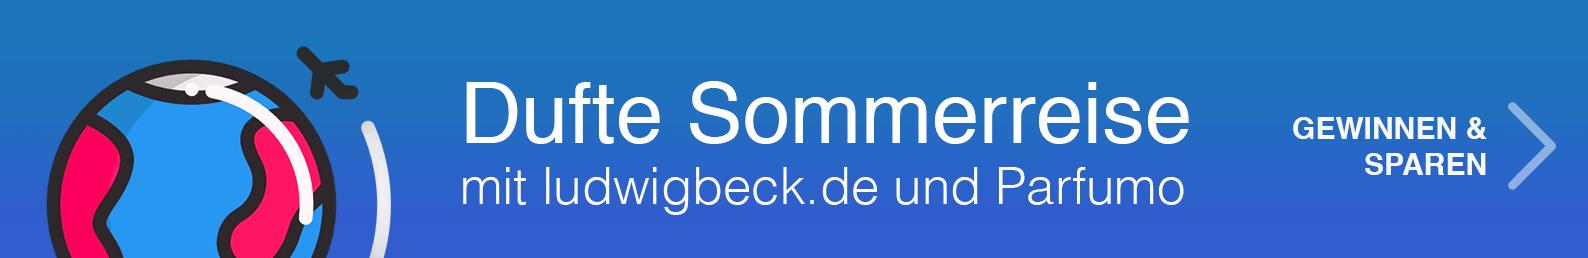 Dufte Sommerreise mit ludwigbeck.de und Parfumo